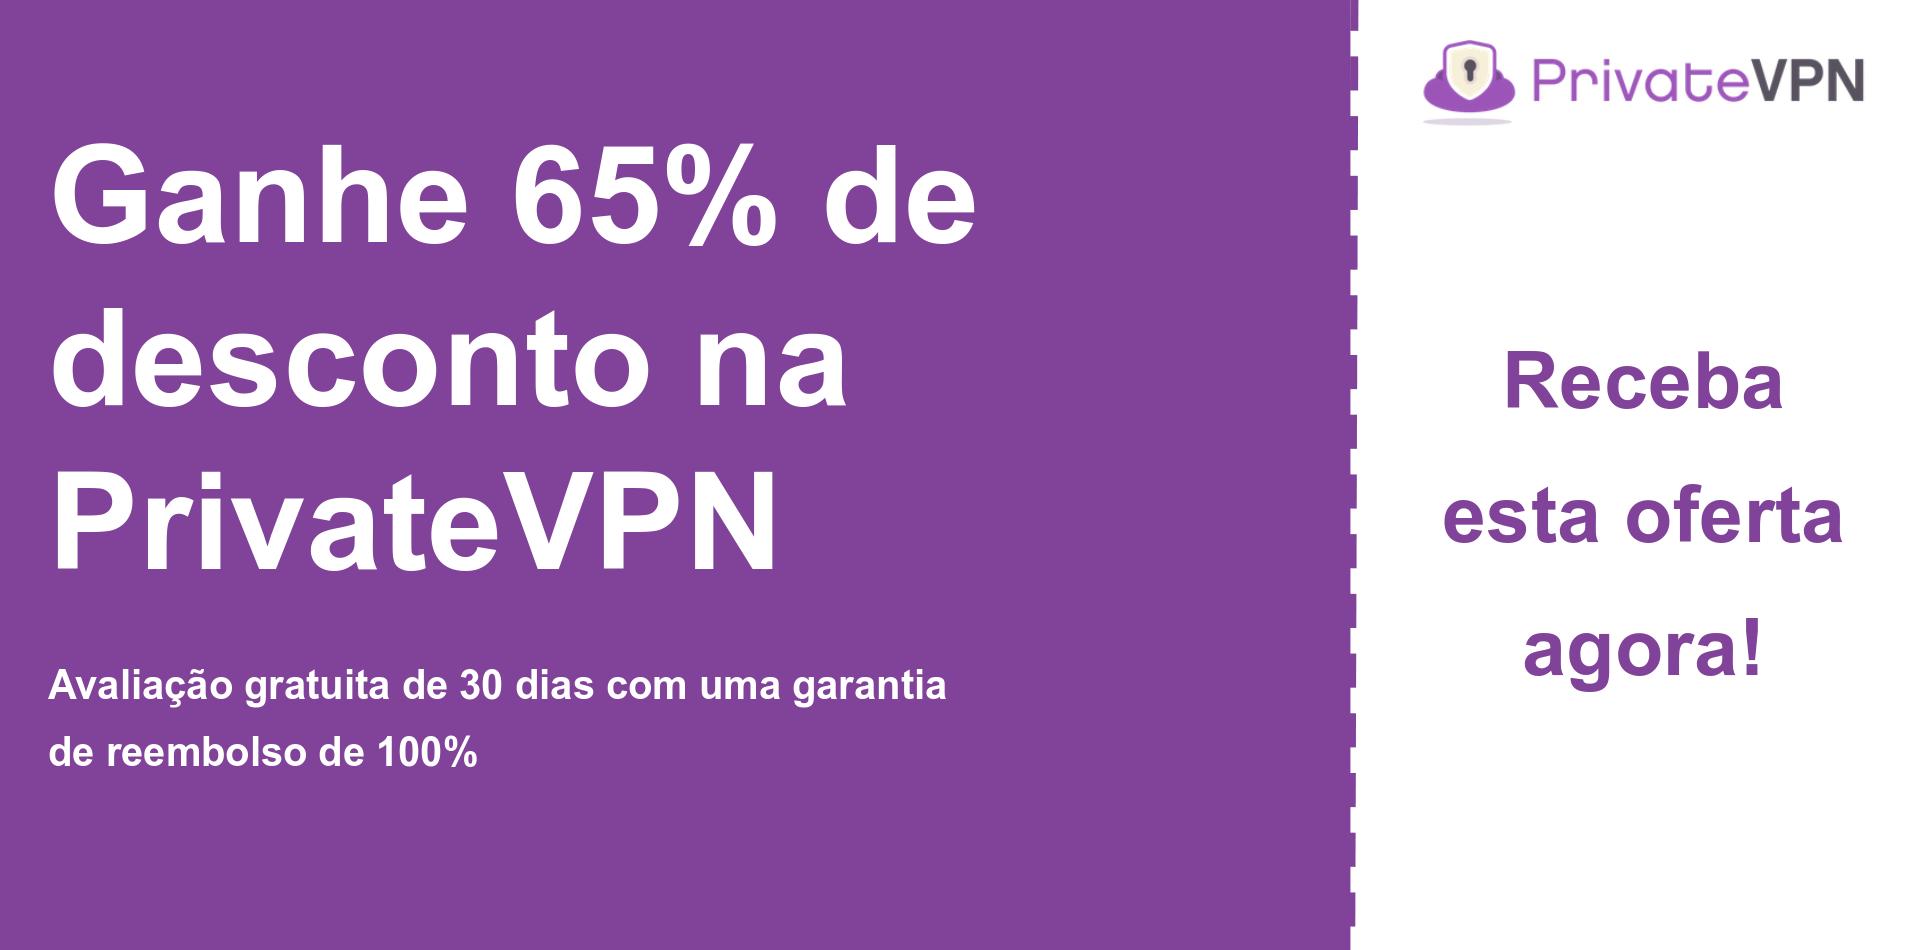 gráfico do banner do cupom principal PrivateVPN mostrando 65% de desconto